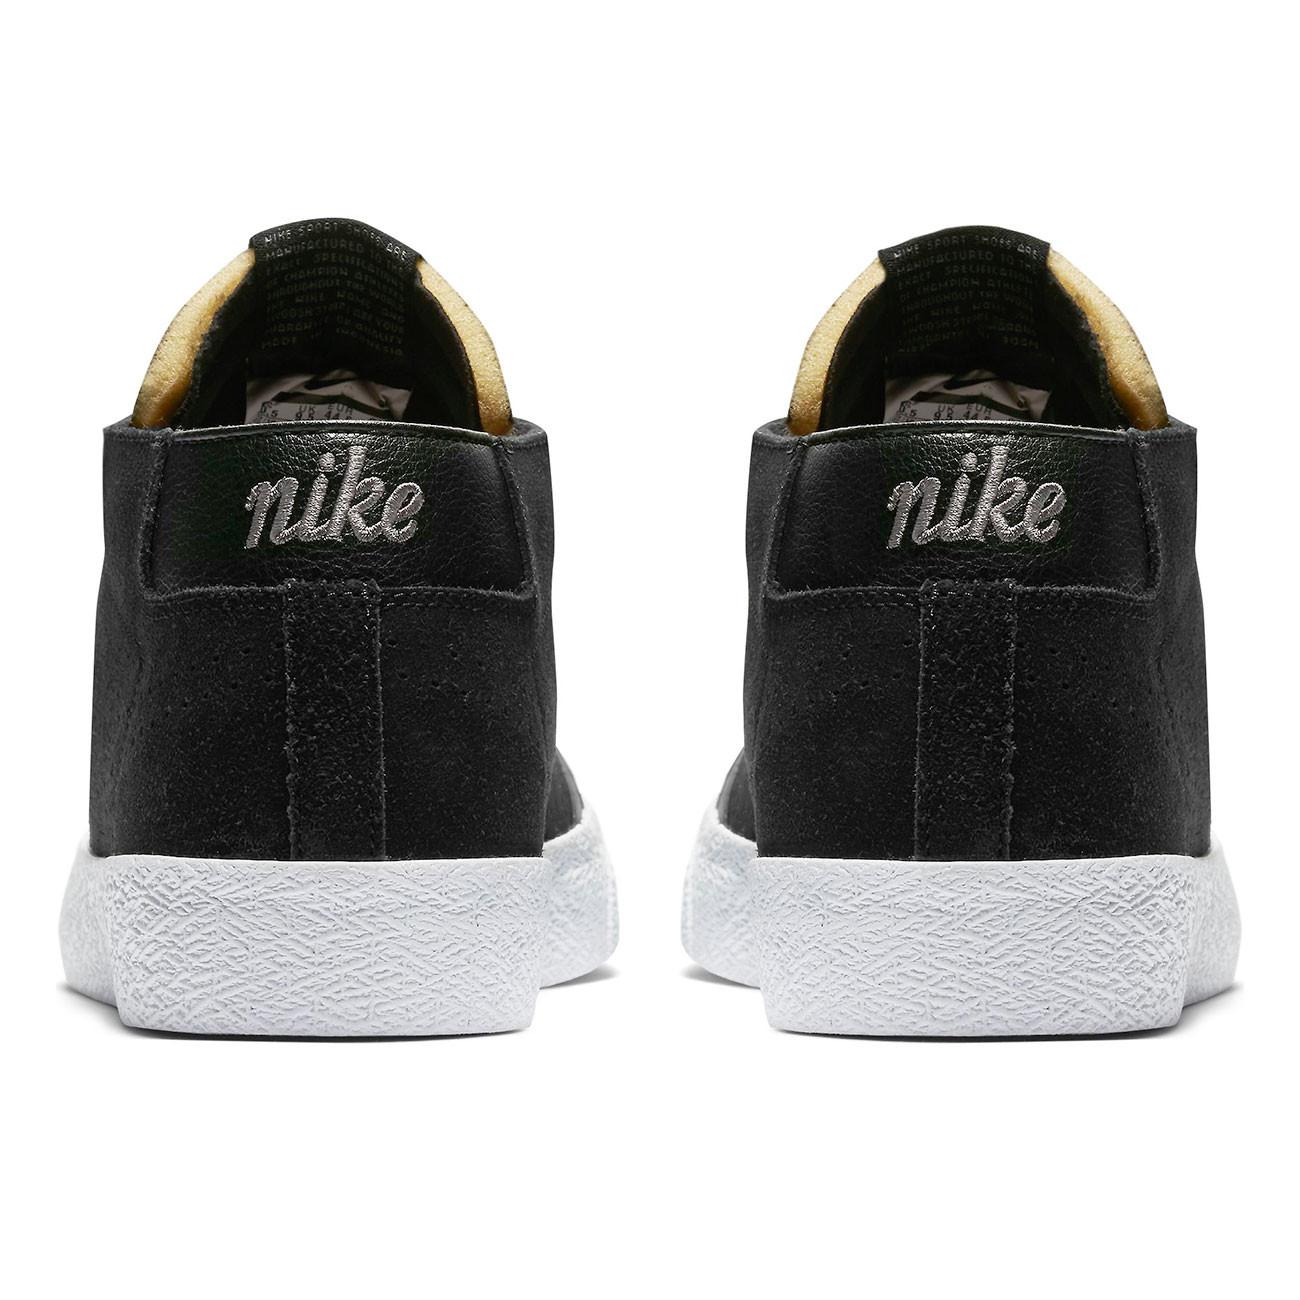 size 40 8dfa4 26864 Sneakers Nike SB Zoom Blazer Chukka Xt